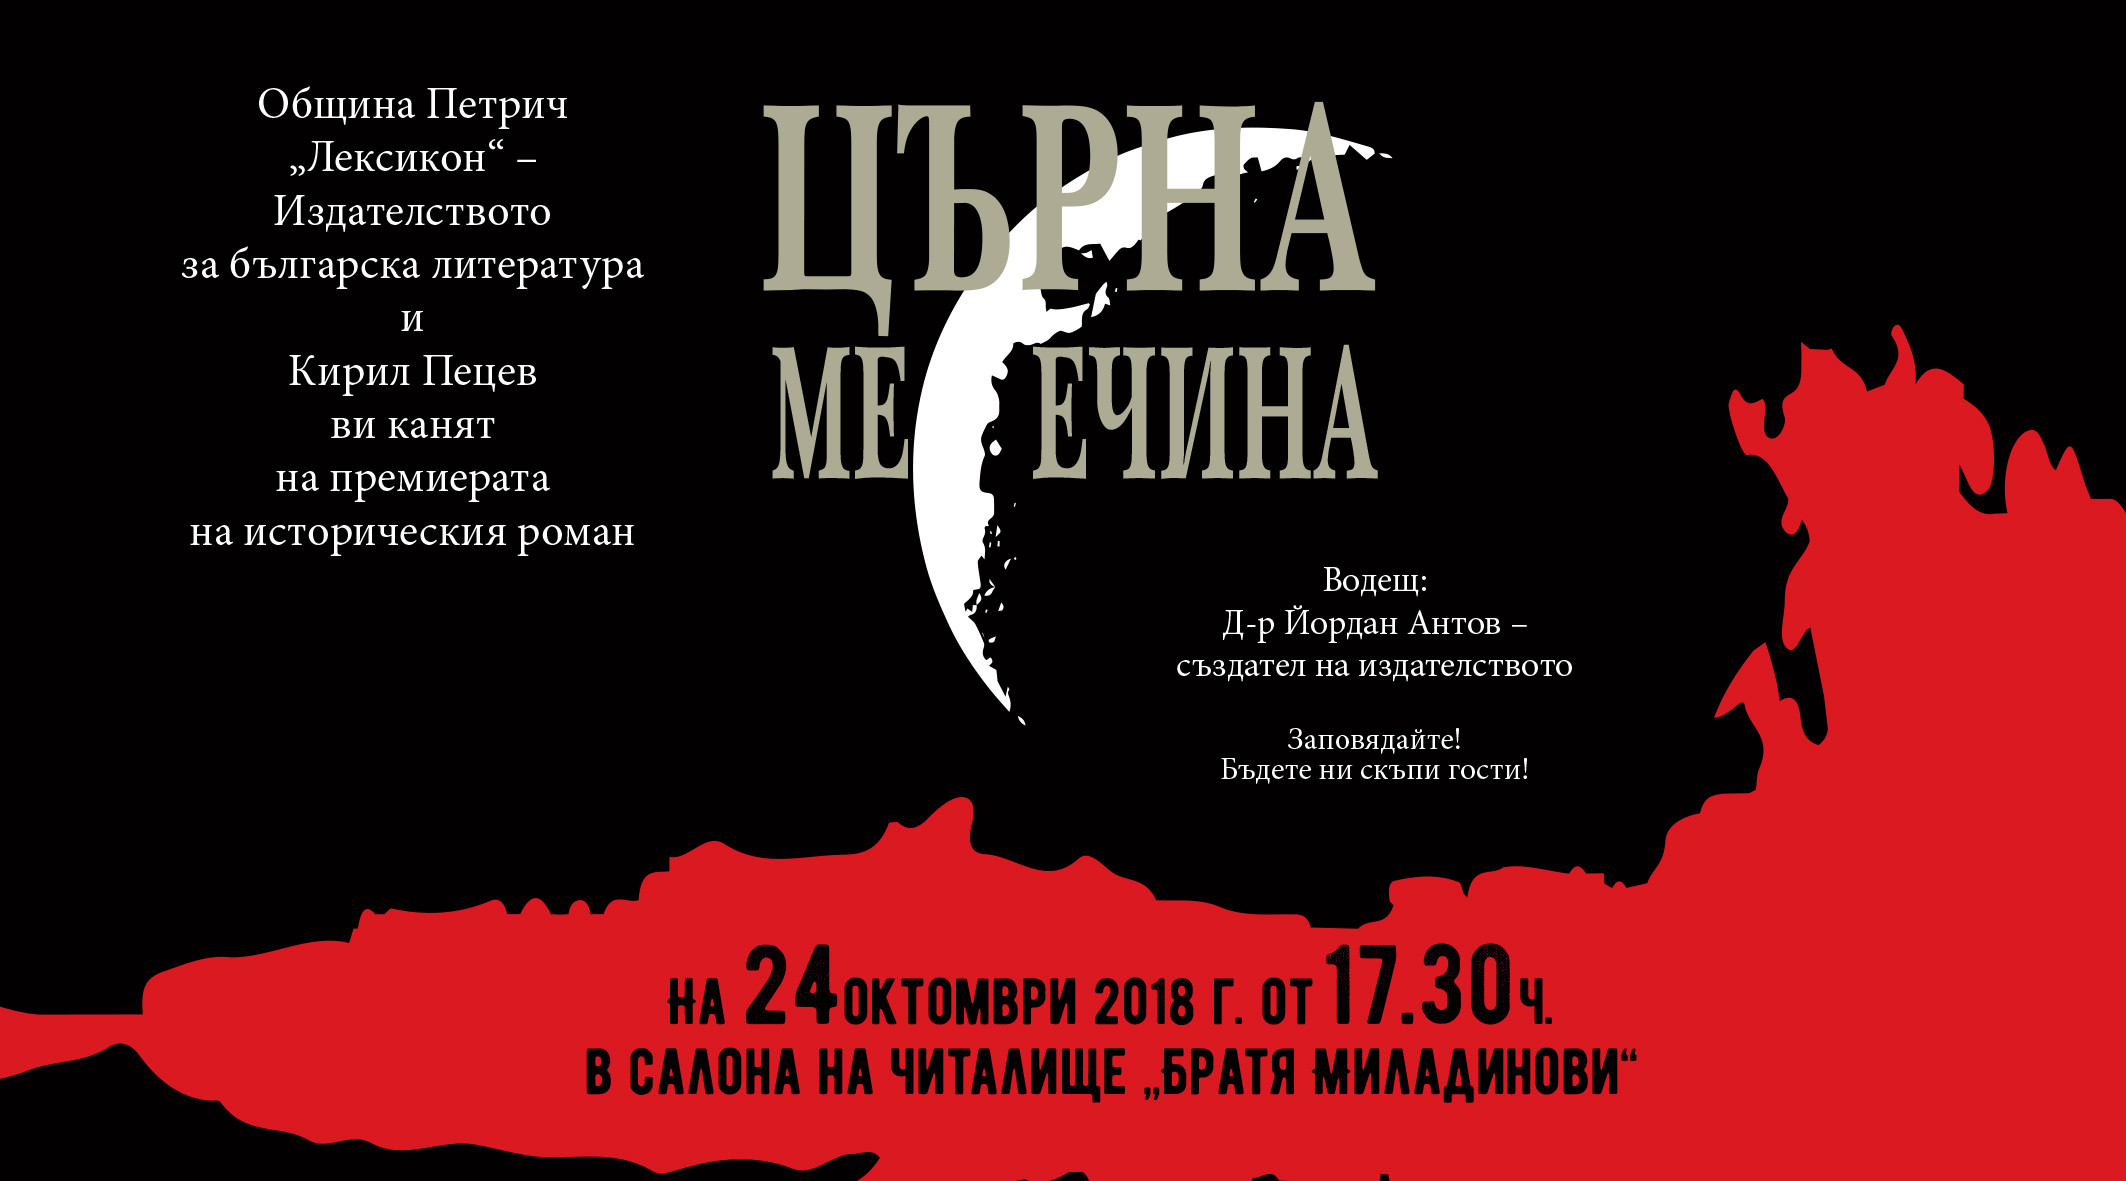 """""""Църна месечина"""" в Петрич"""